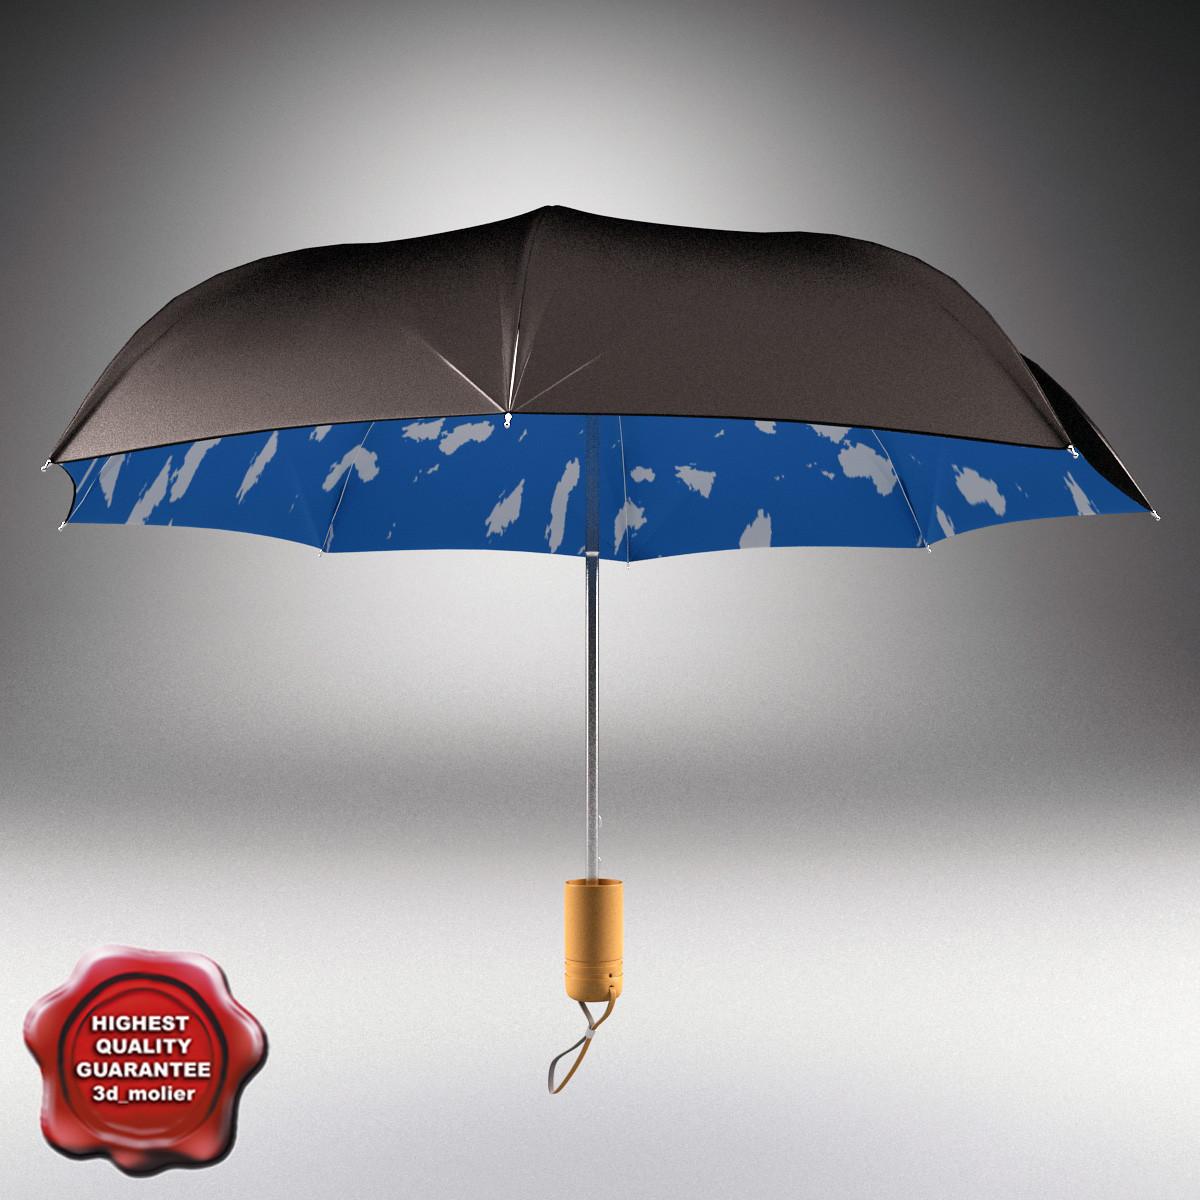 3ds max umbrella open v2